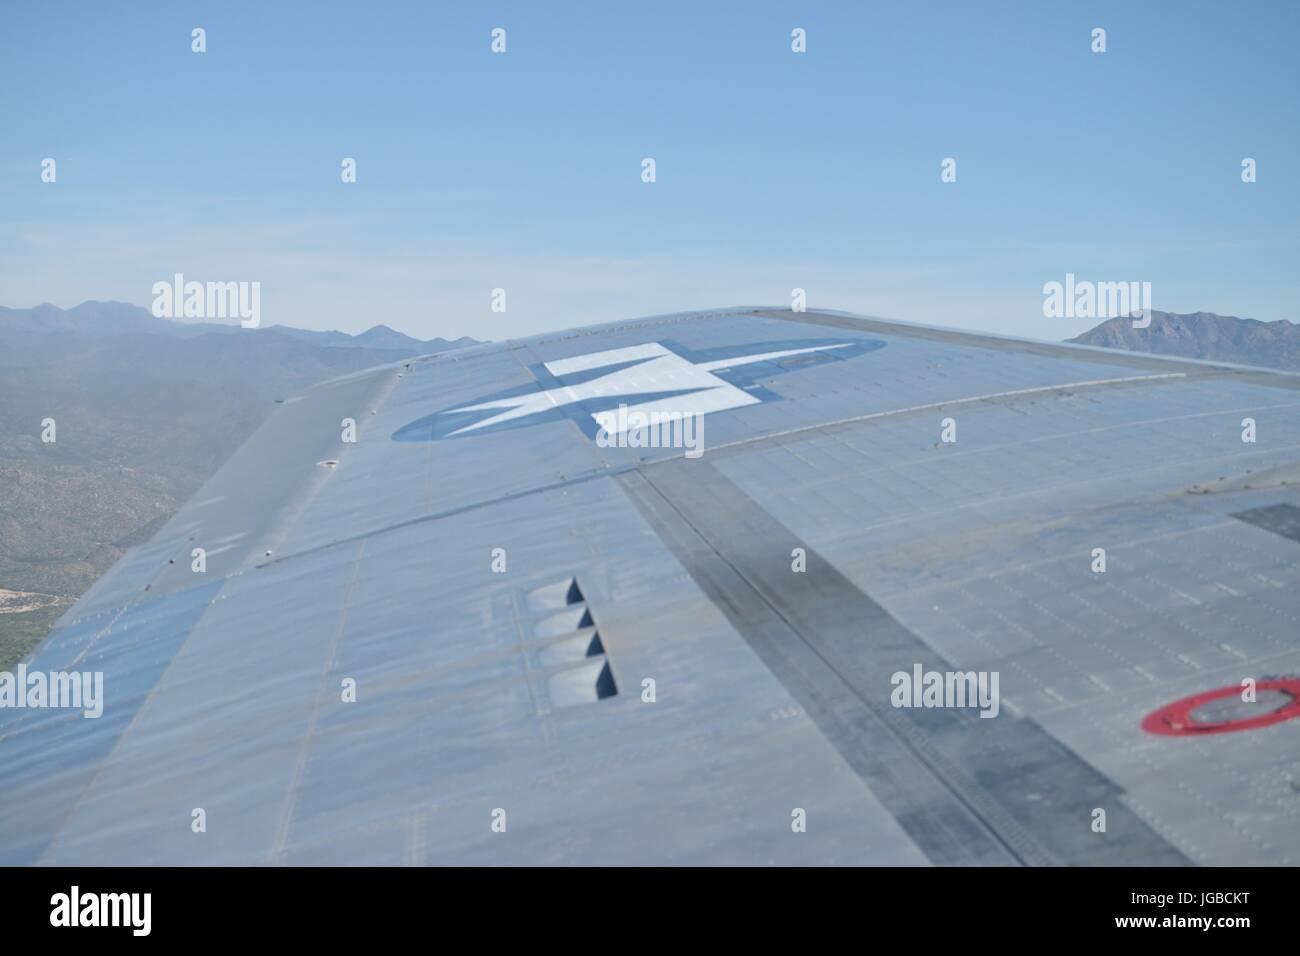 Mirando hacia el ala de un Boeing B17 Flying Fortress, viaje sentimental Foto de stock